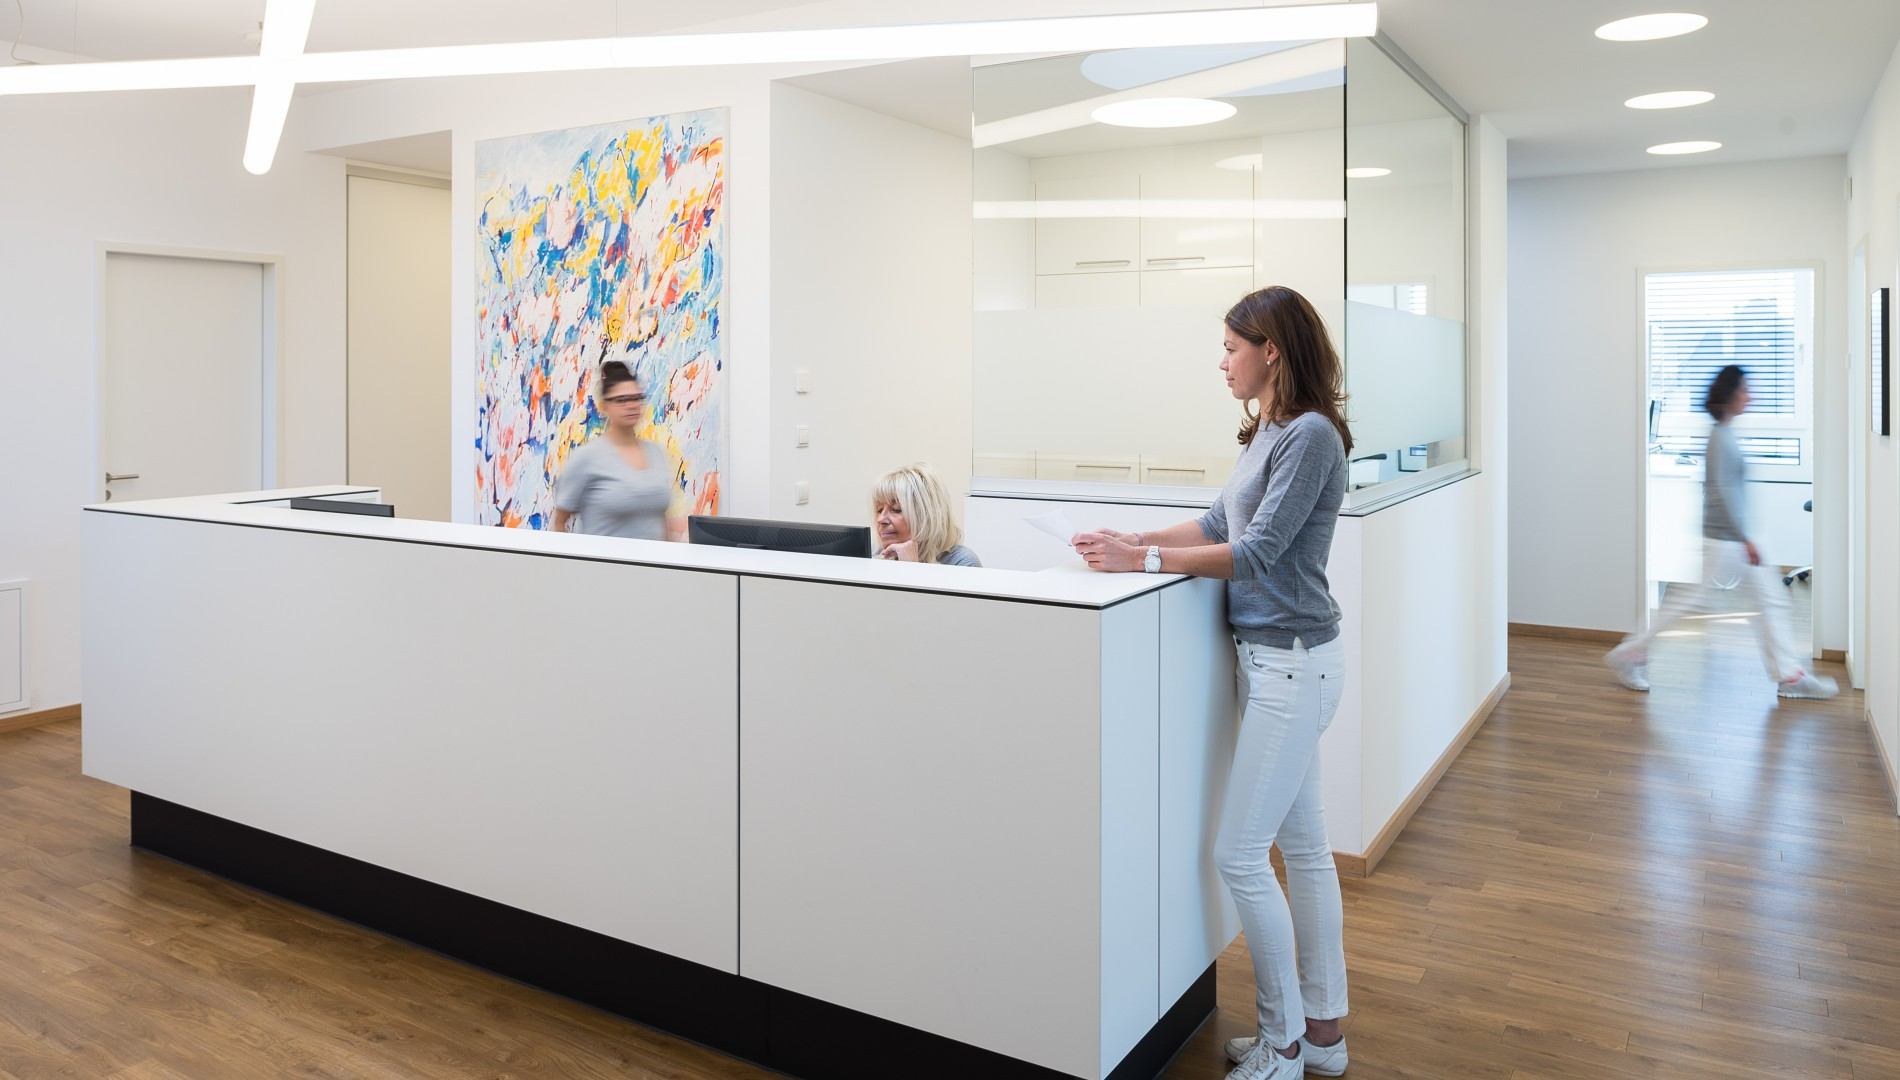 Imagephotographie für die Zahnarztpraxis aus Memmingen von der Designagentur das formt aus München